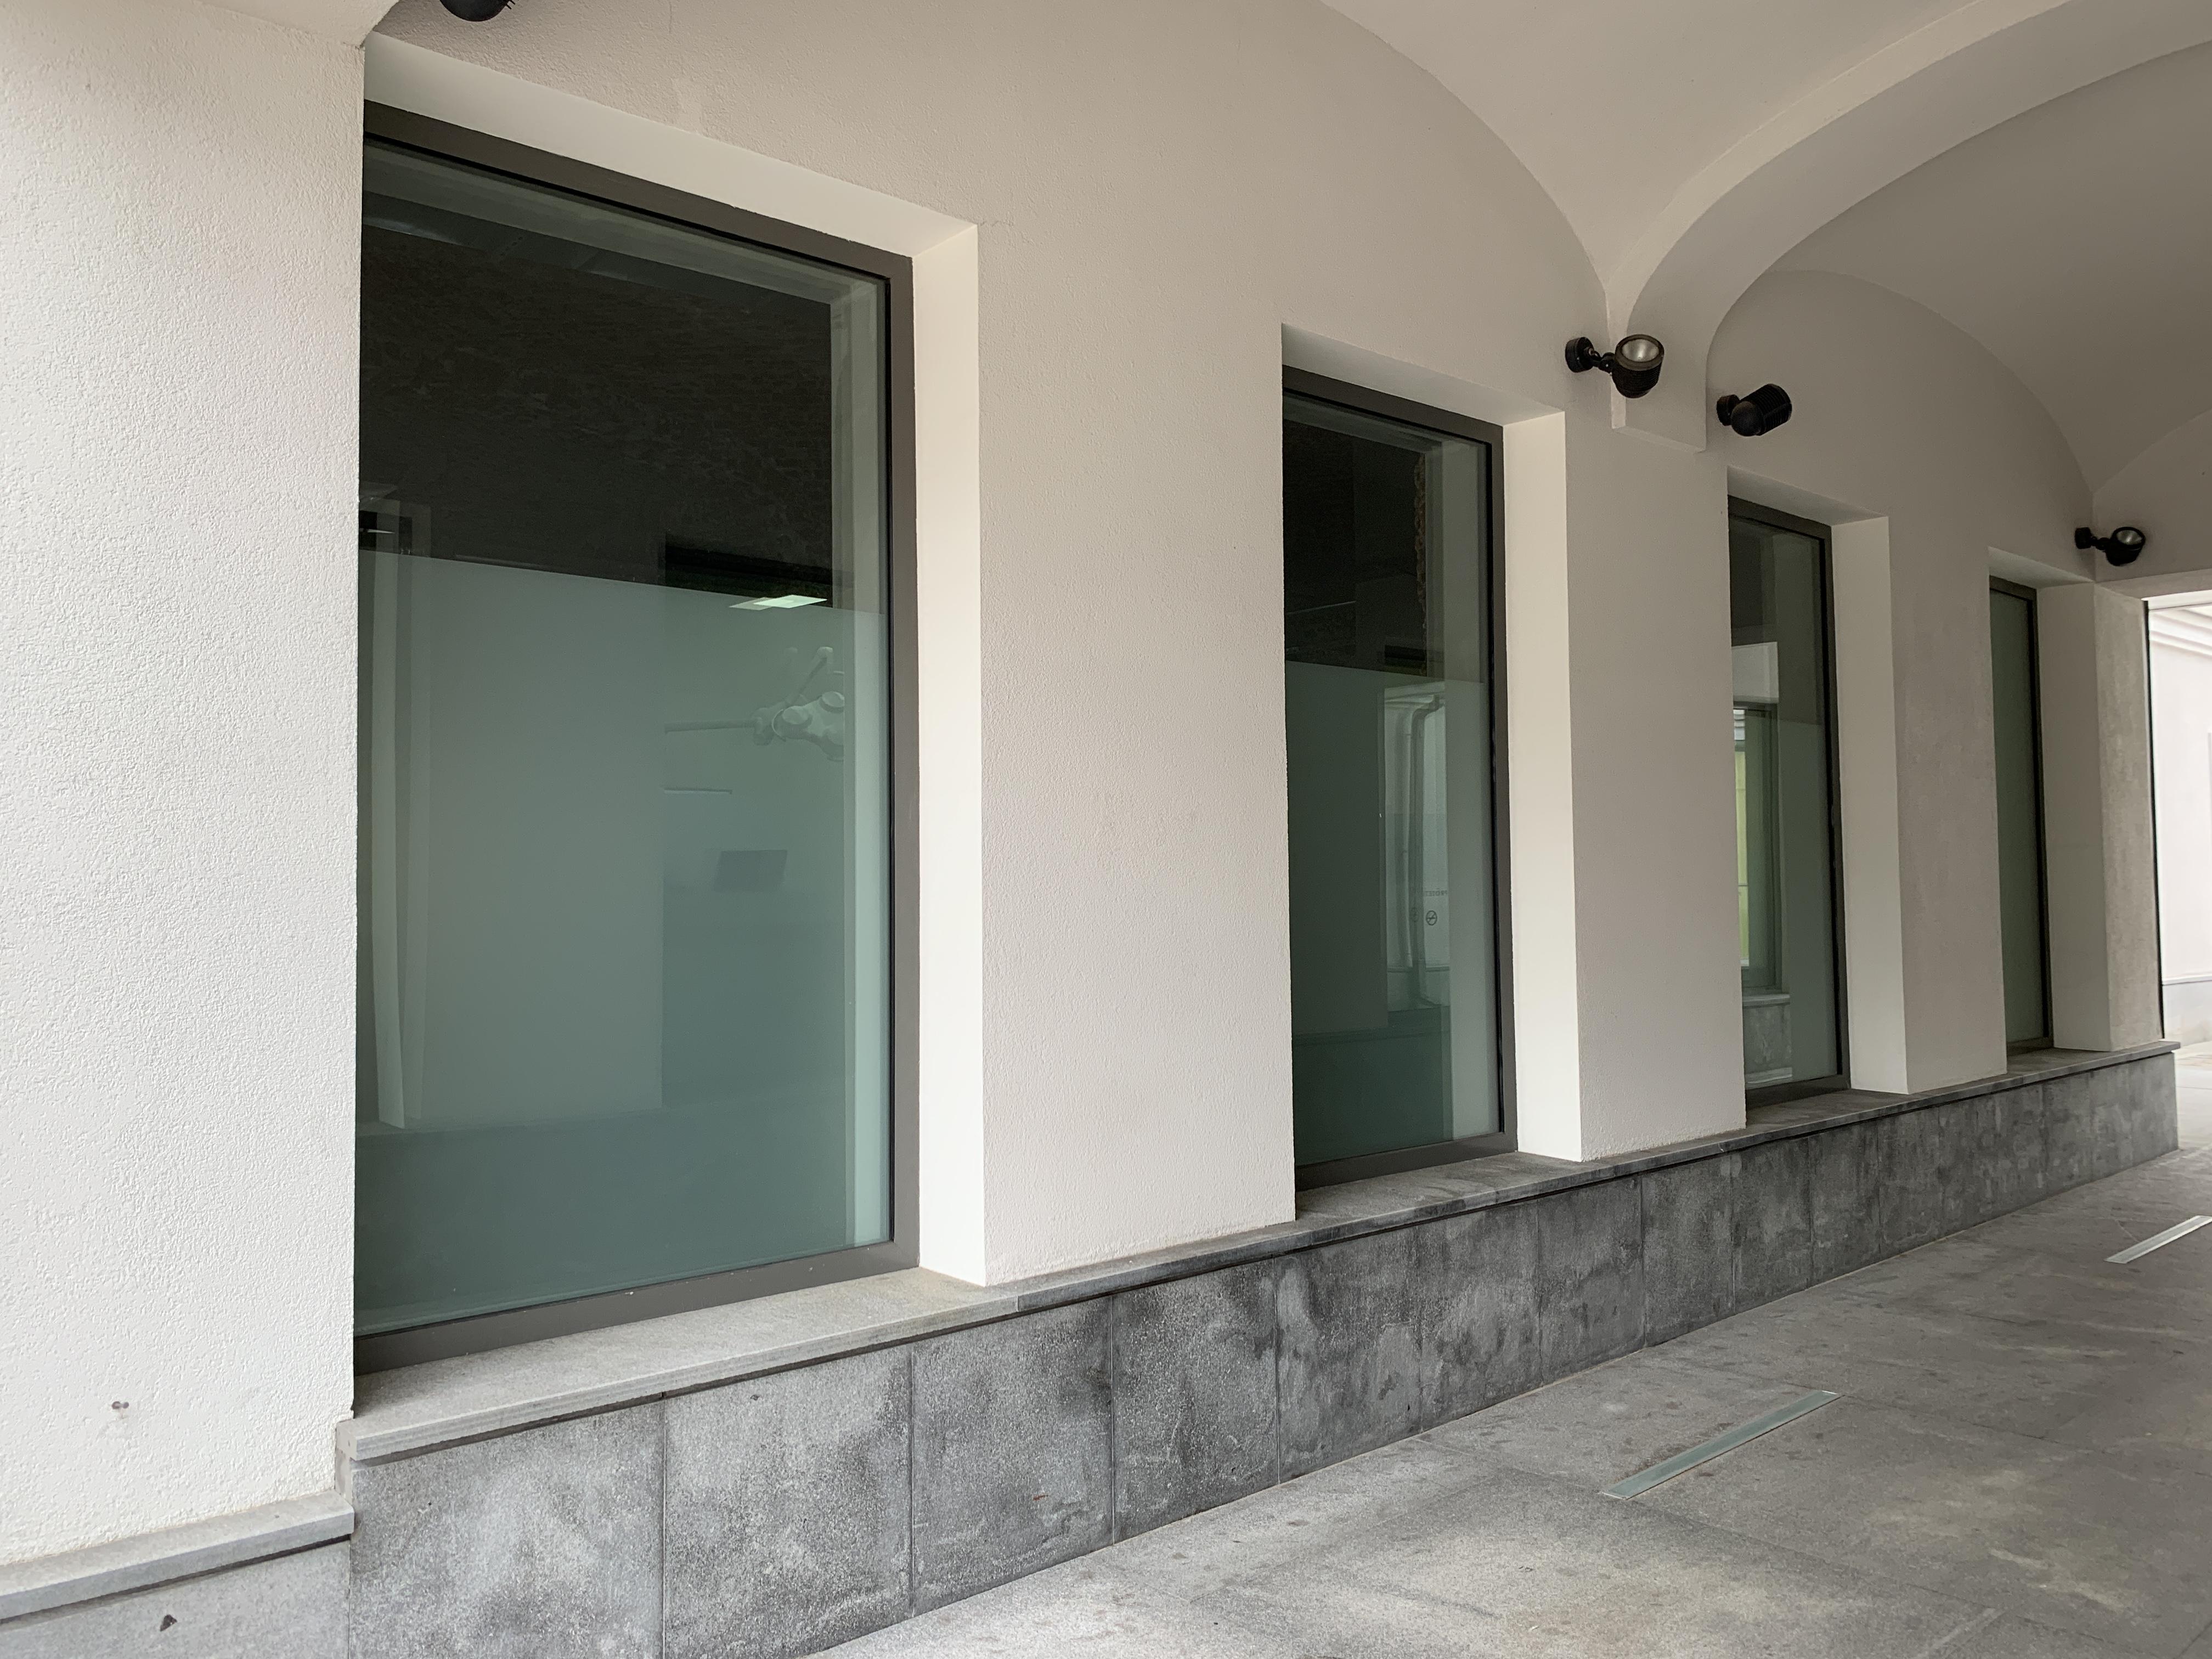 Окна помещения 253 кв.м.